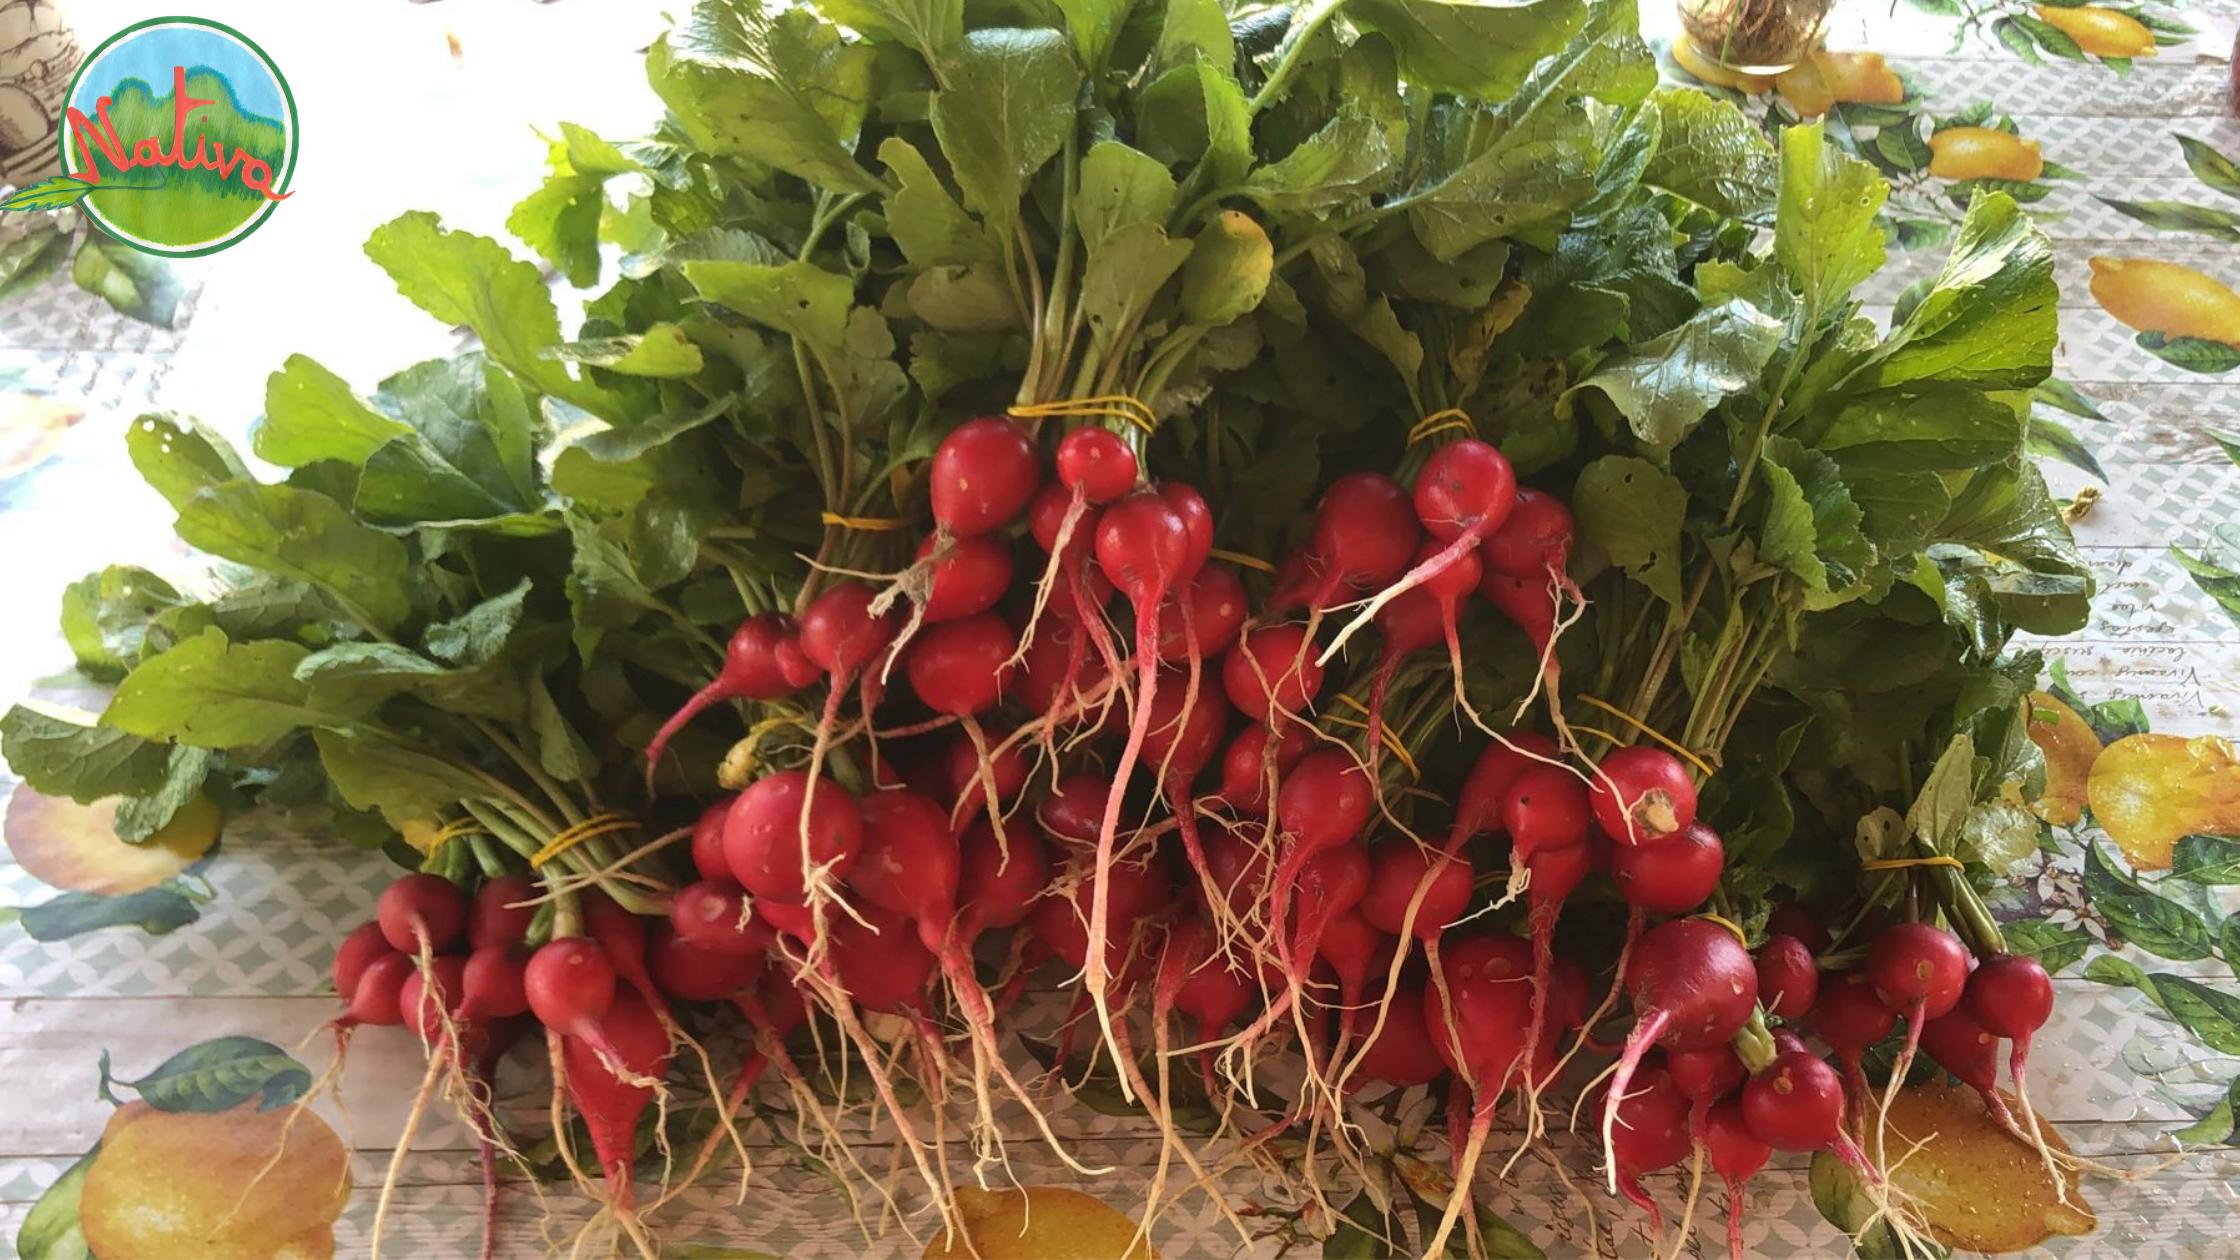 Le ricette di Nativa: foglie di ravanello, 3 idee per cucinarle